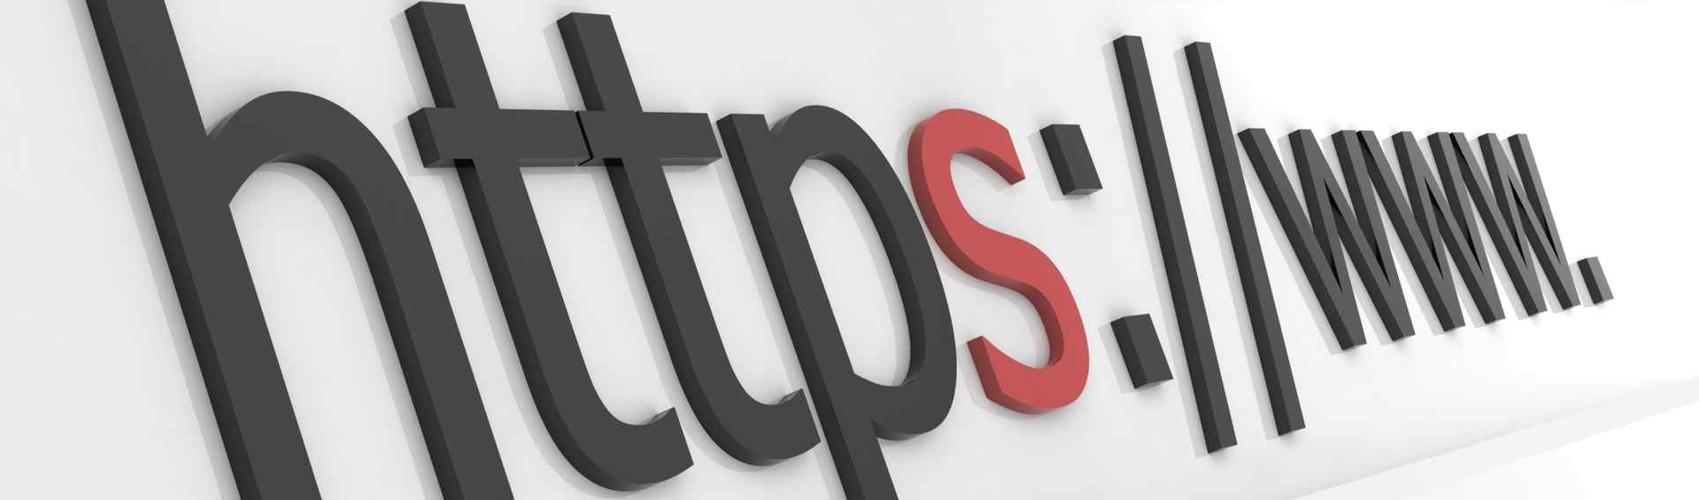 Certificat SSL obligatoriu